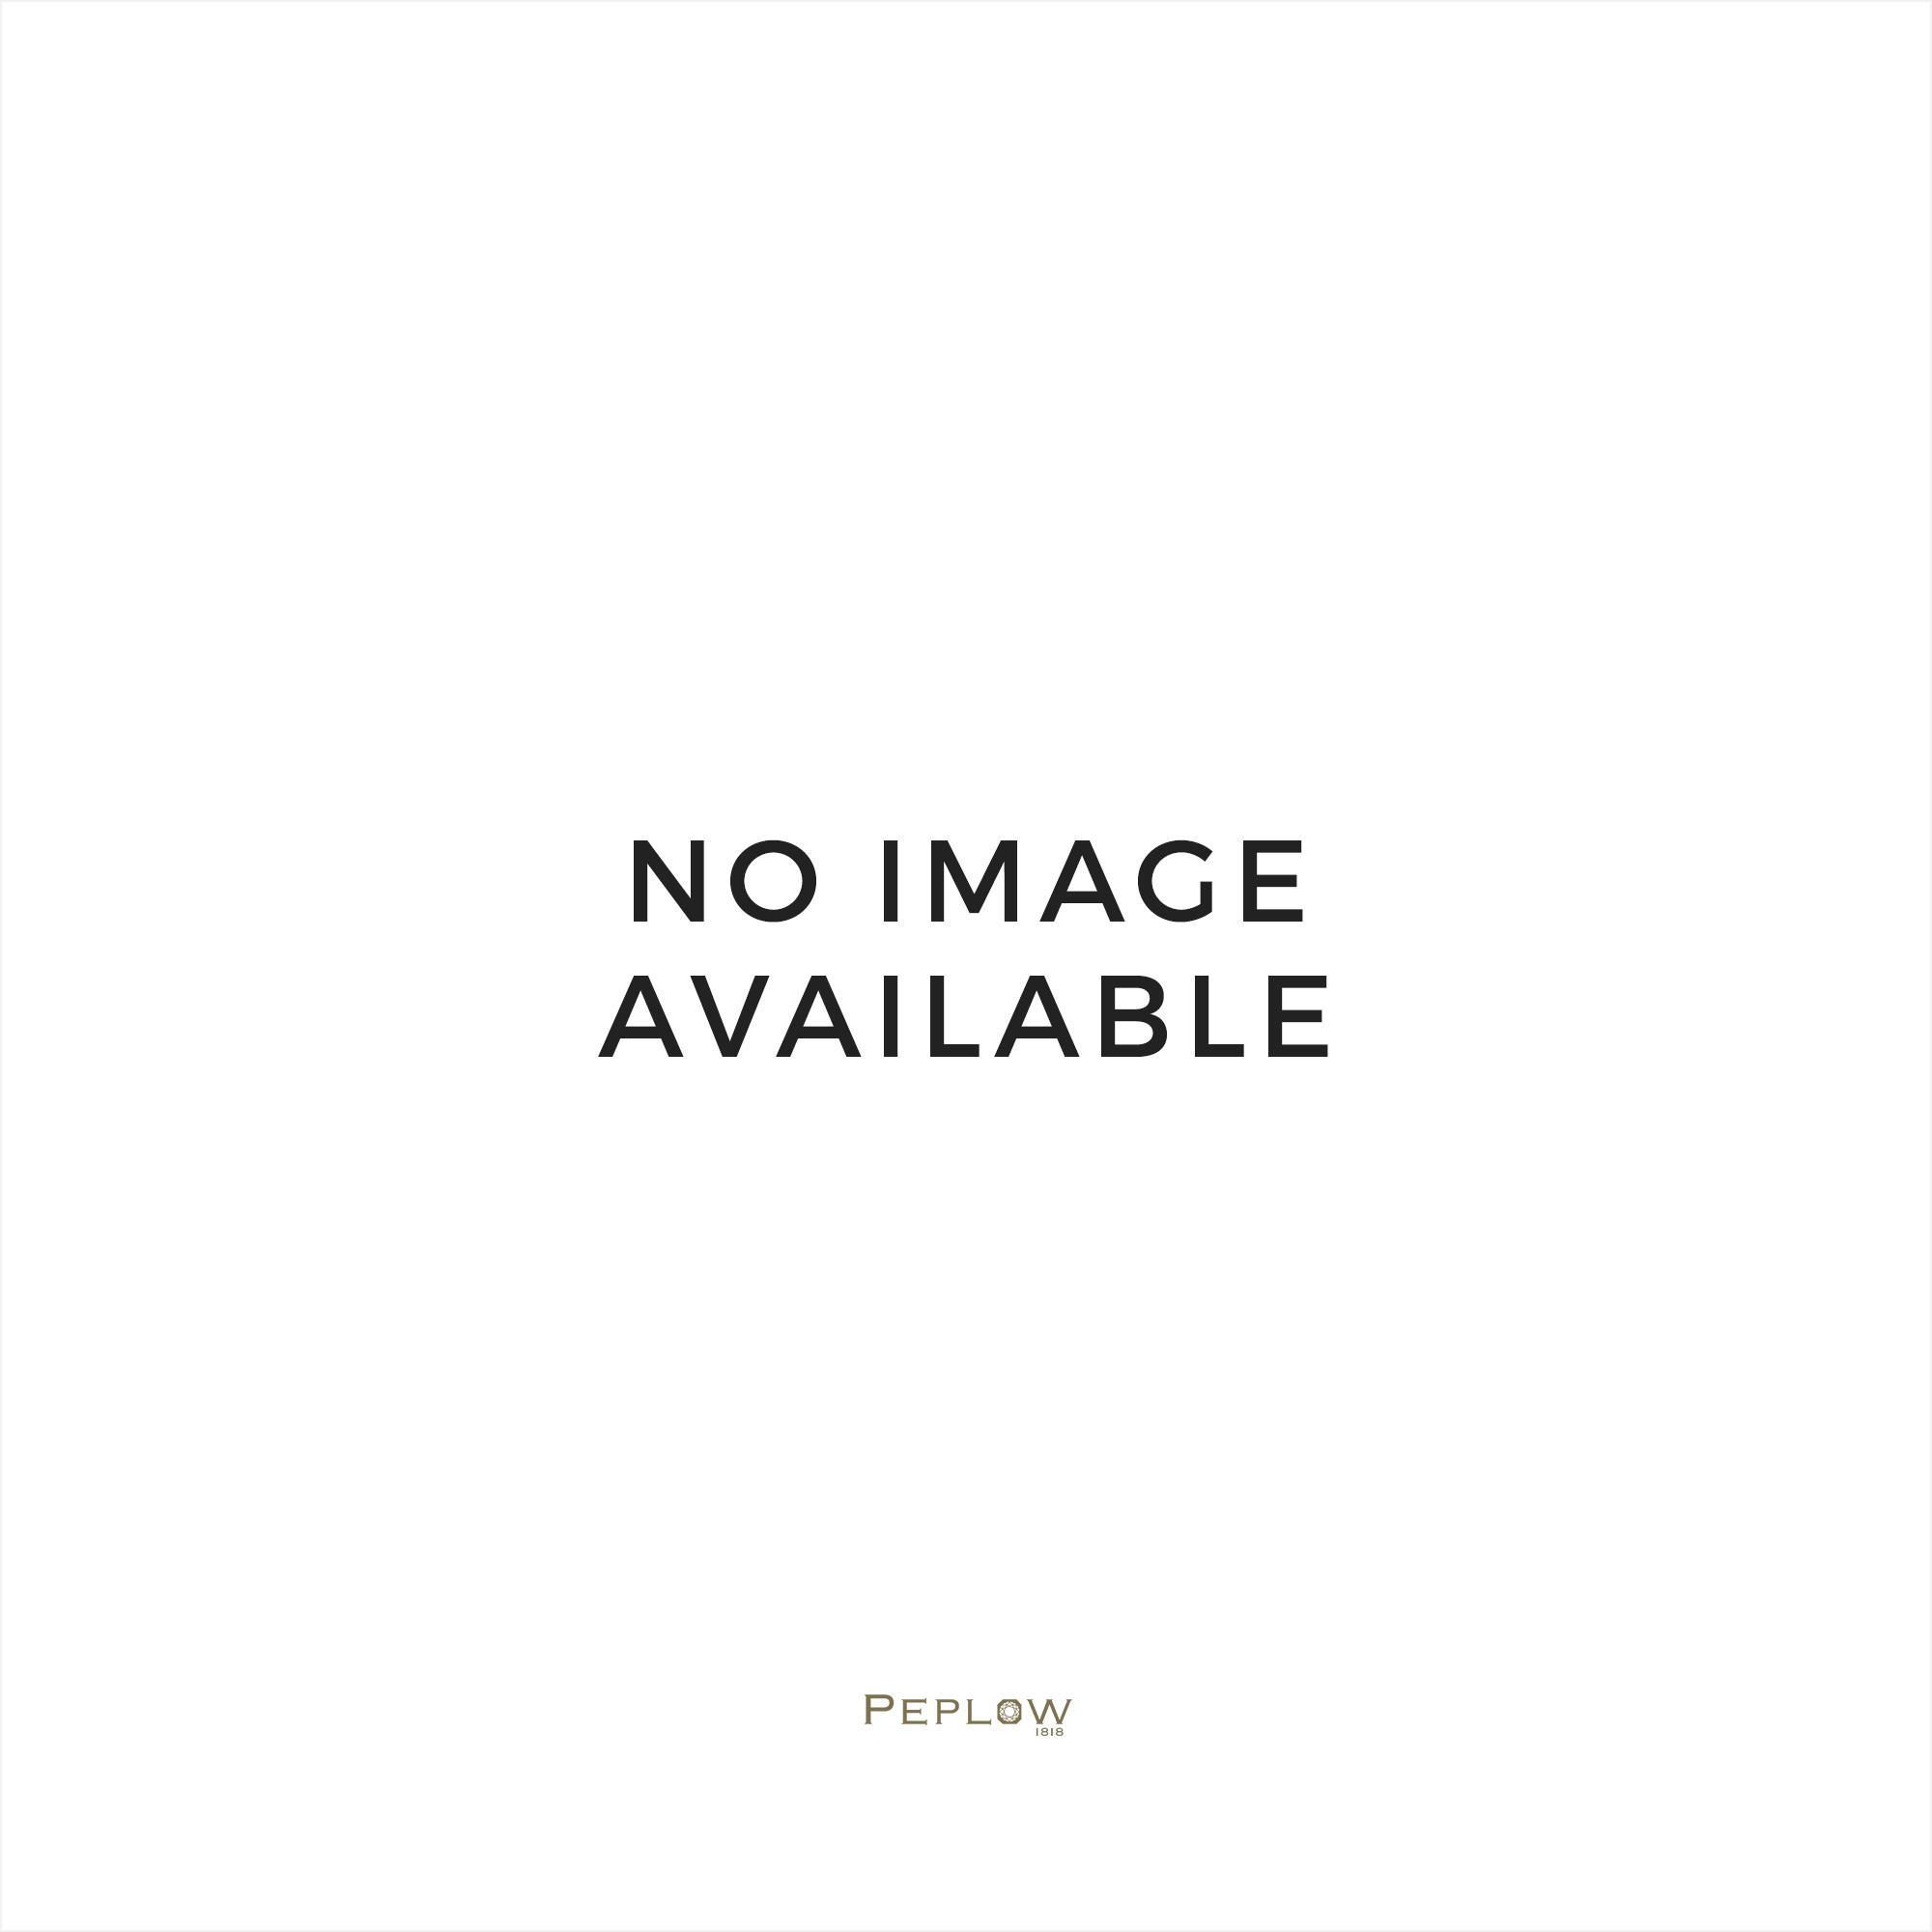 Citizen Watches Ladies gold PVD Citizen Eco Drive on bracelet, ref EM0682-58P